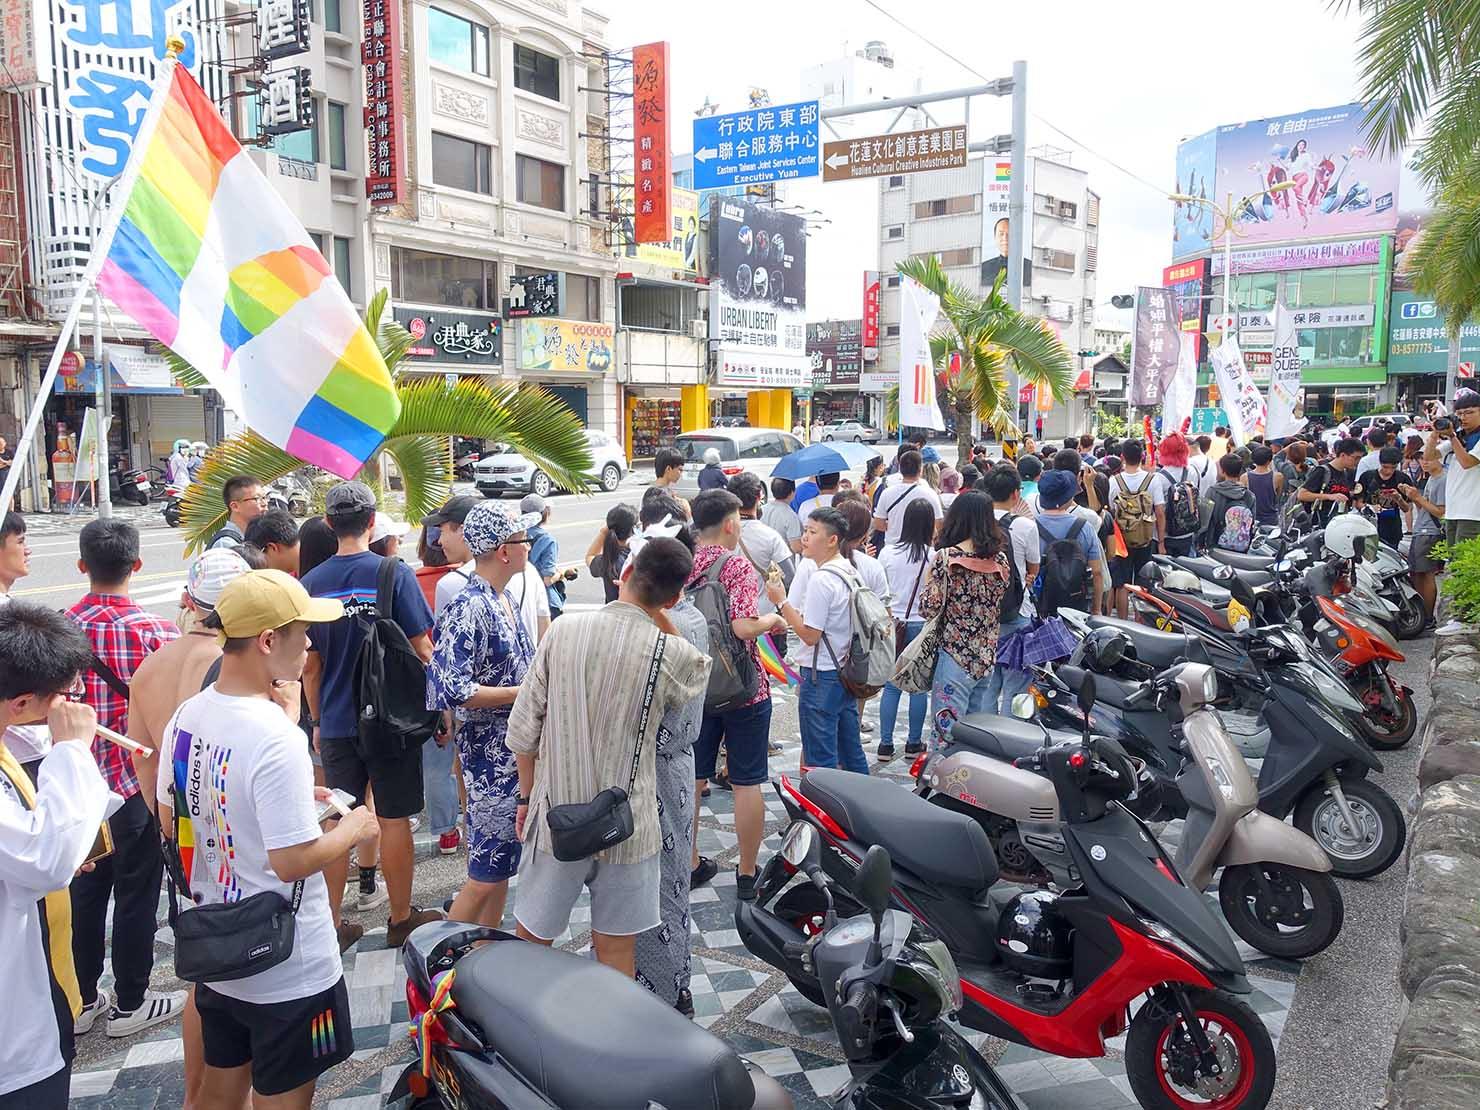 花東彩虹嘉年華(台湾東部LGBTプライド)の会場をスタートするパレード